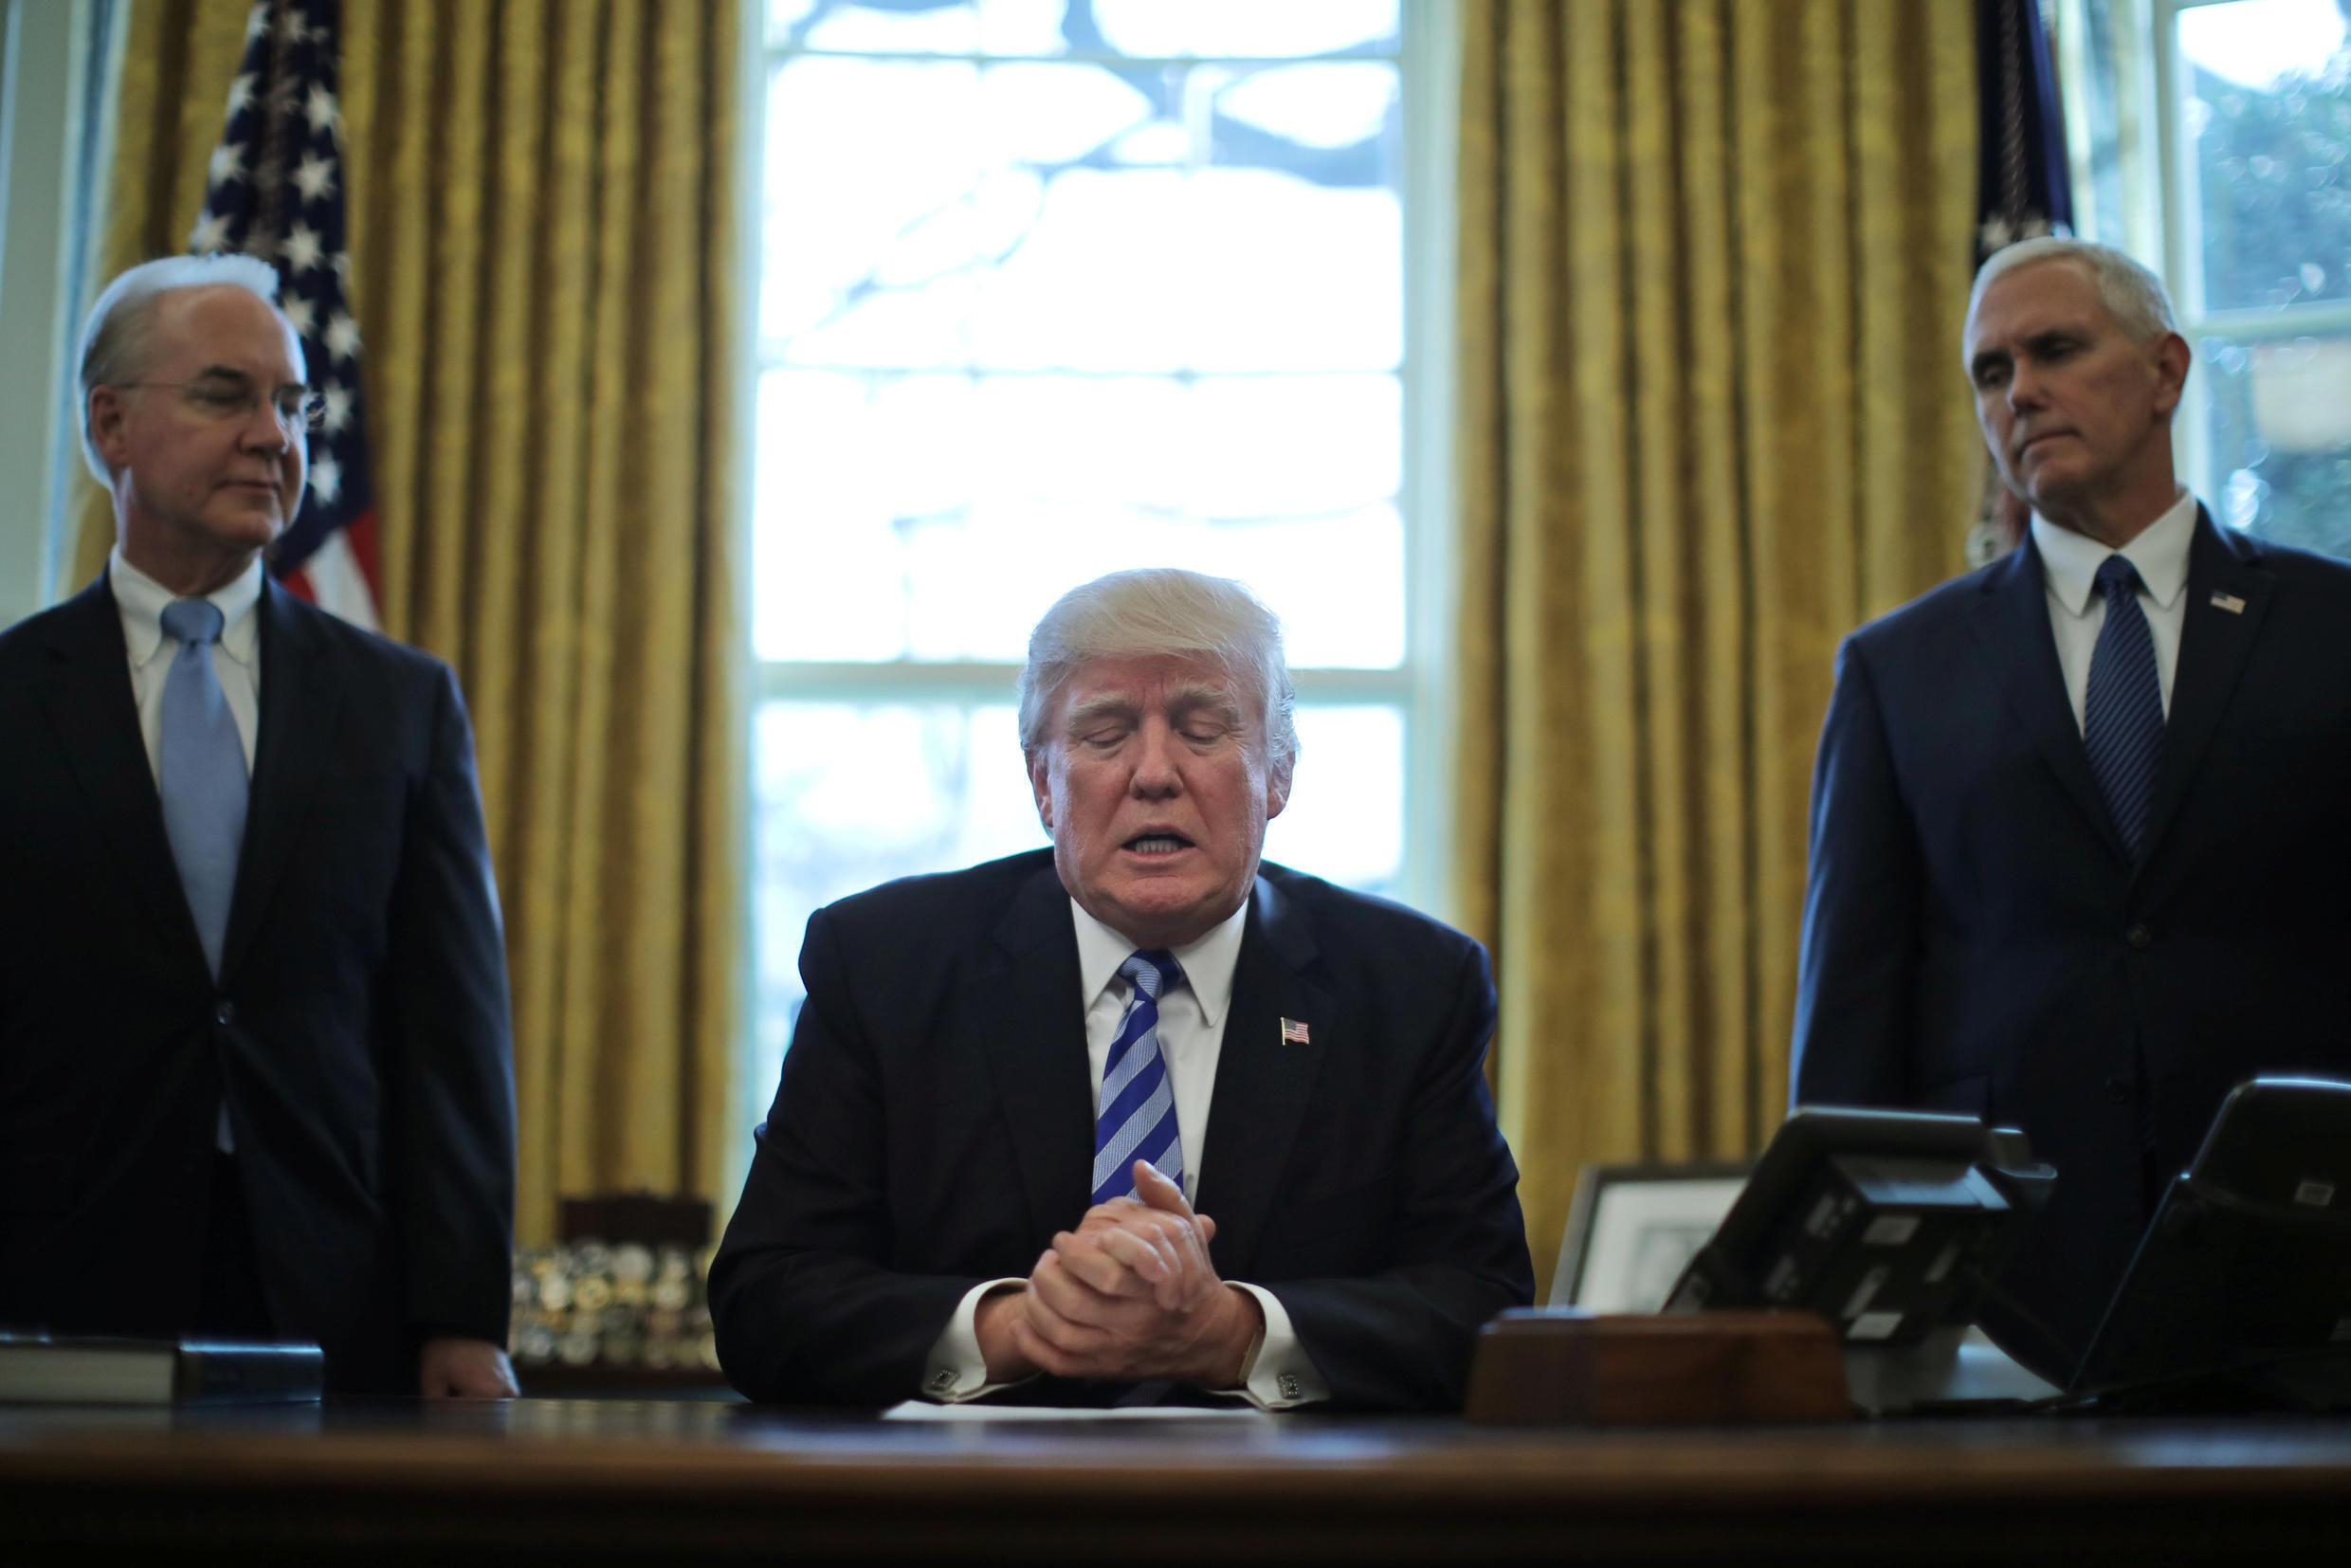 Tổng thống Trump (giữa) phát biểu tại Nhà Trắng ngày 24/03/20147 sau khi rút lại dự luật bảo hiểm y tế Obamacare.